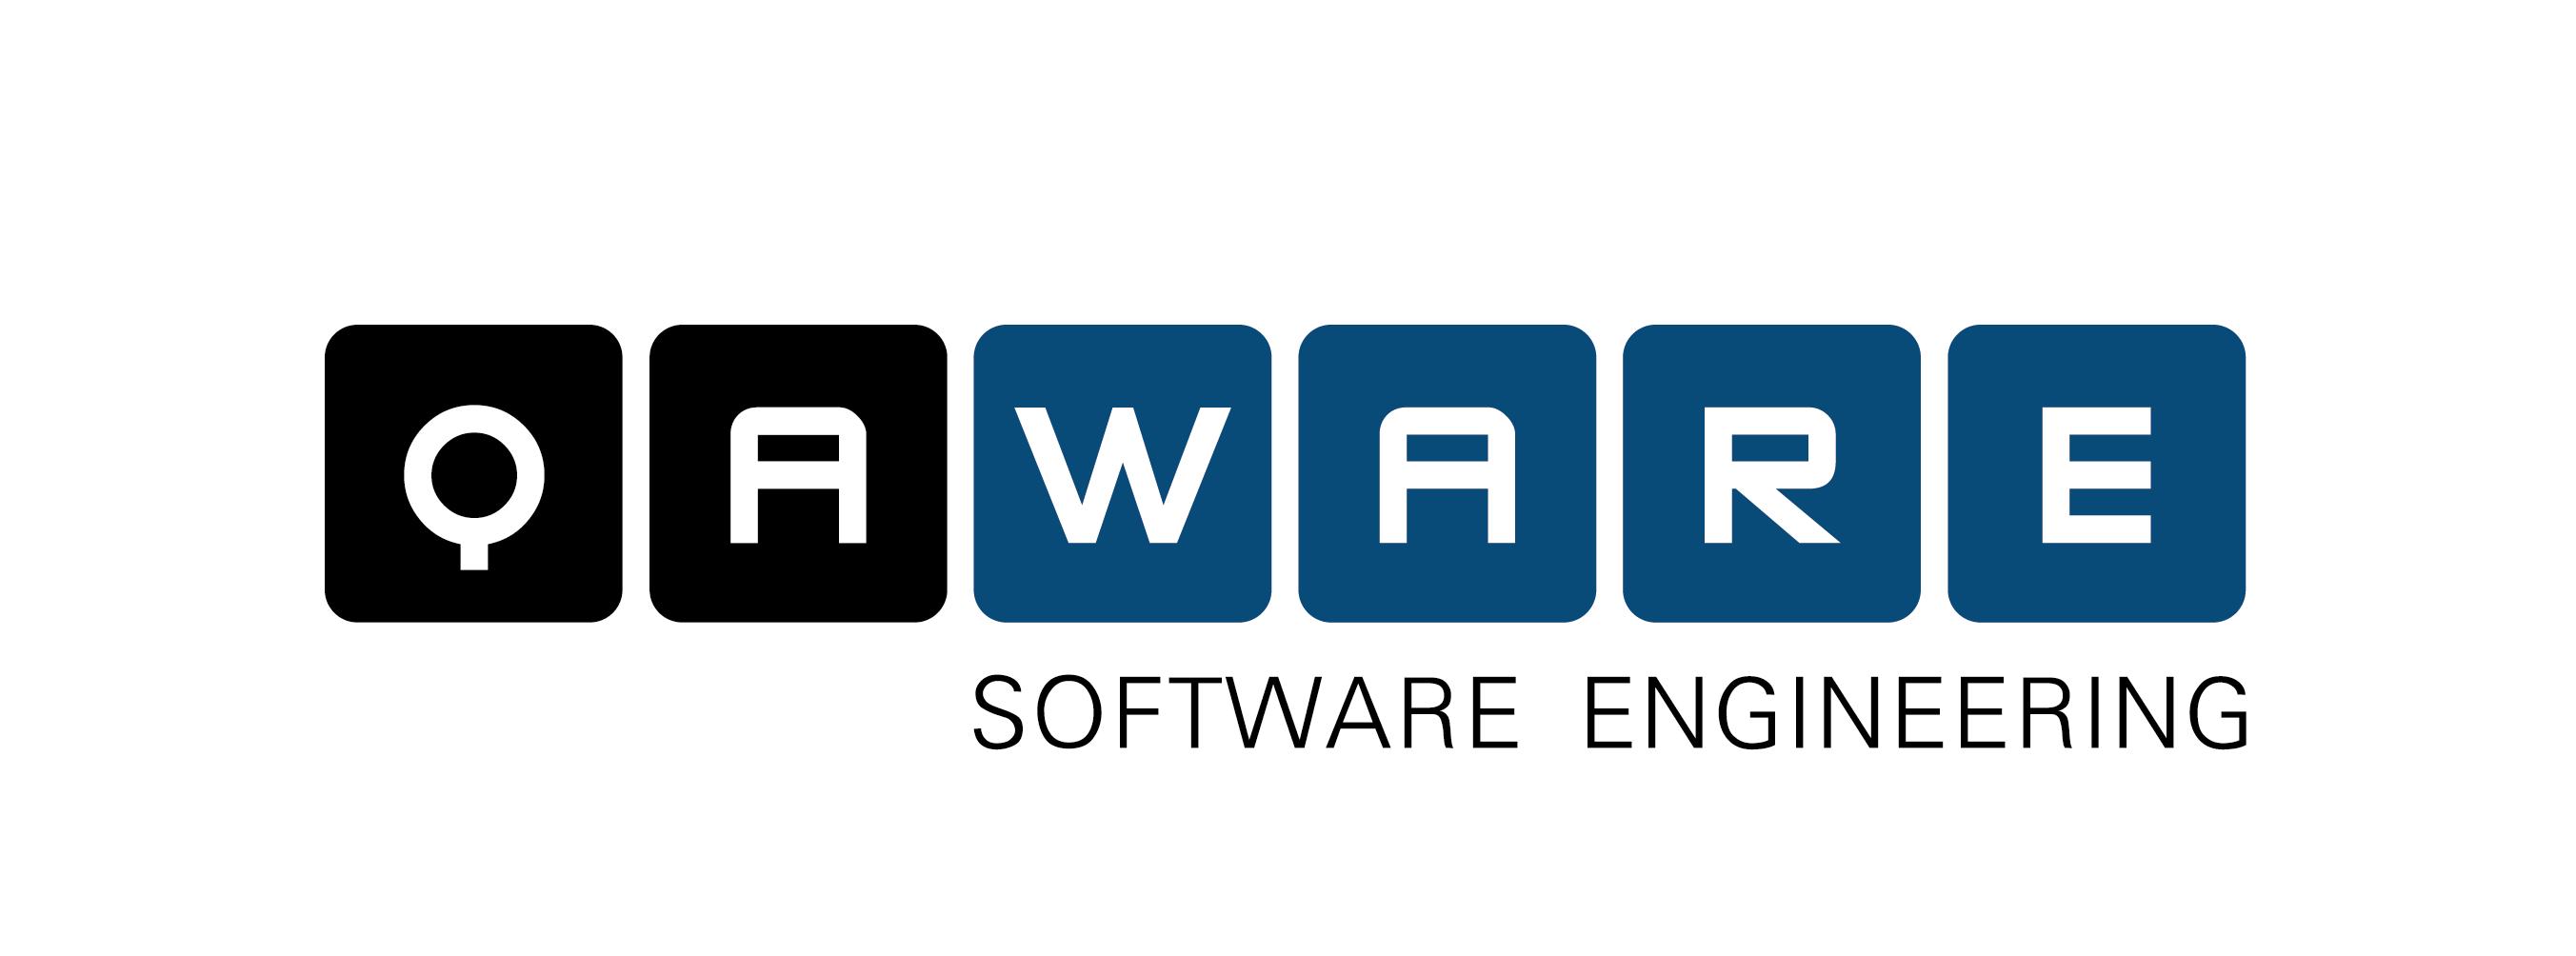 qaware-logo_farbig_cmyk